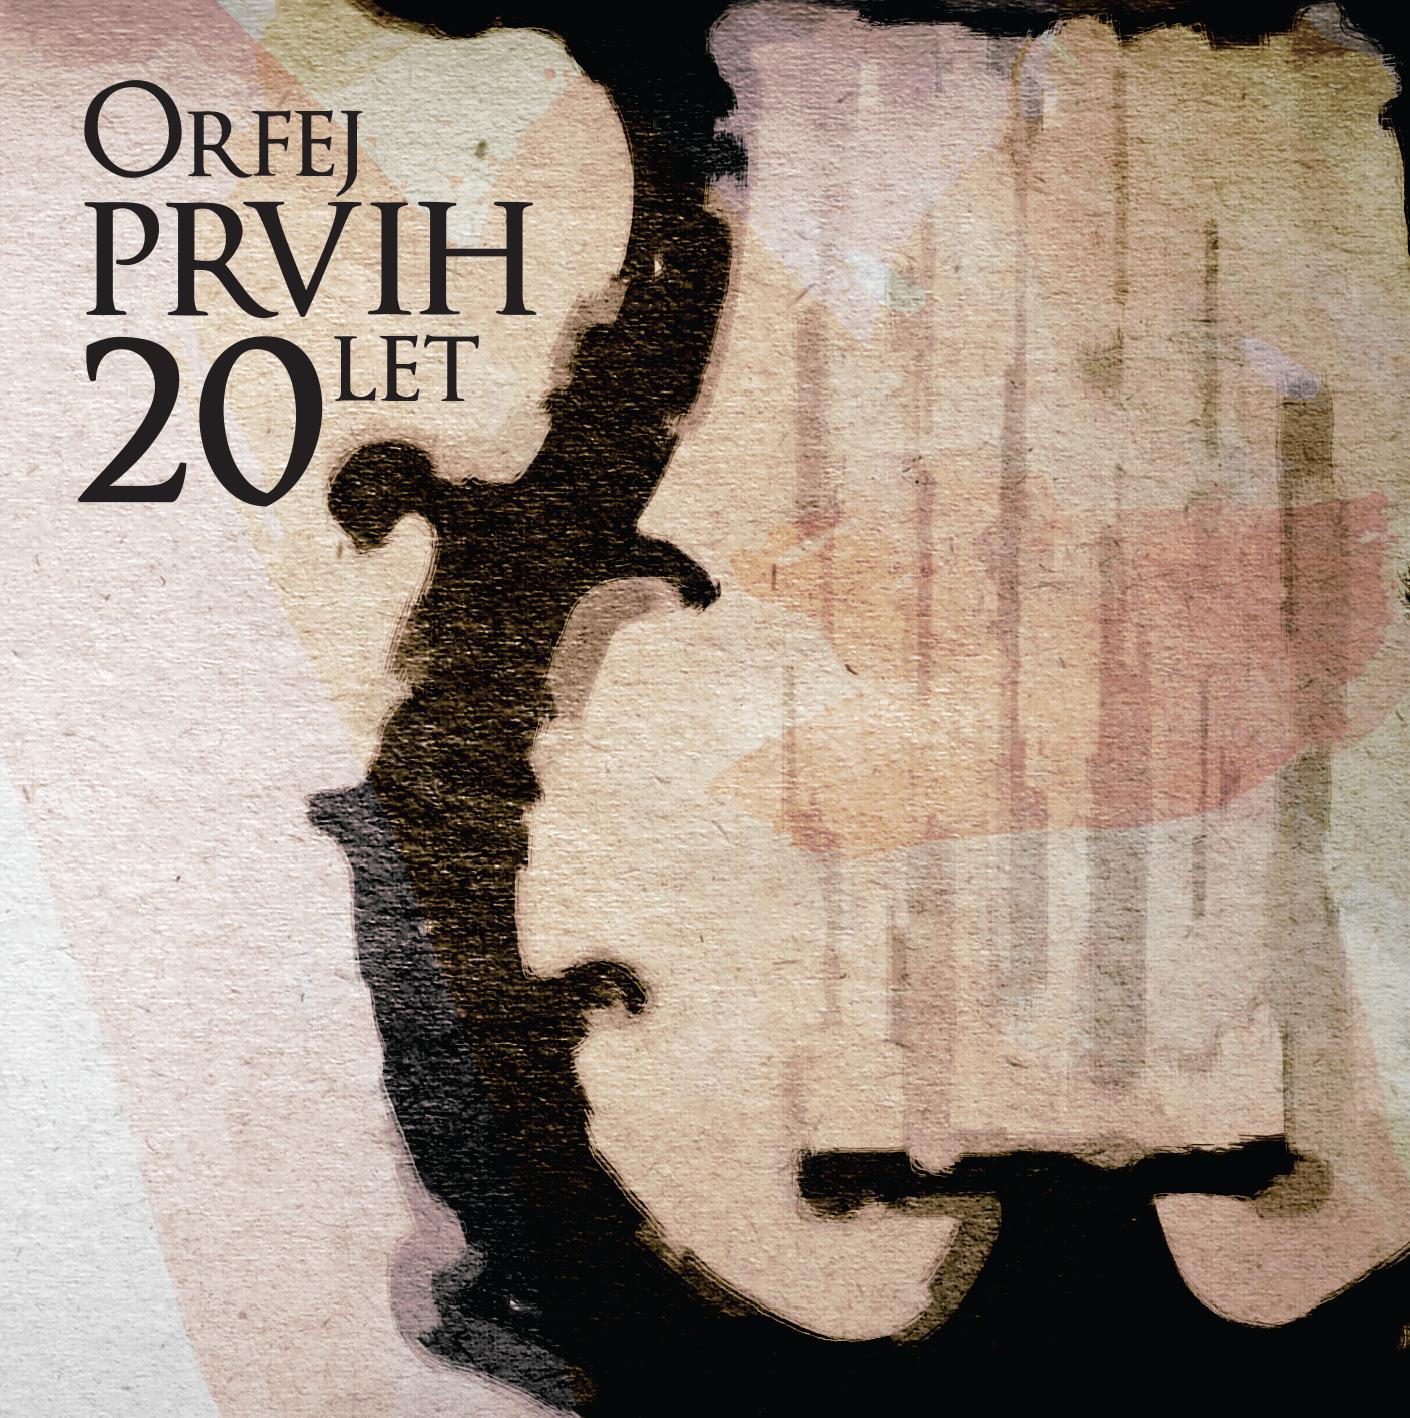 Komorni zbor Orfej - zgoščenka Prvih 20 let